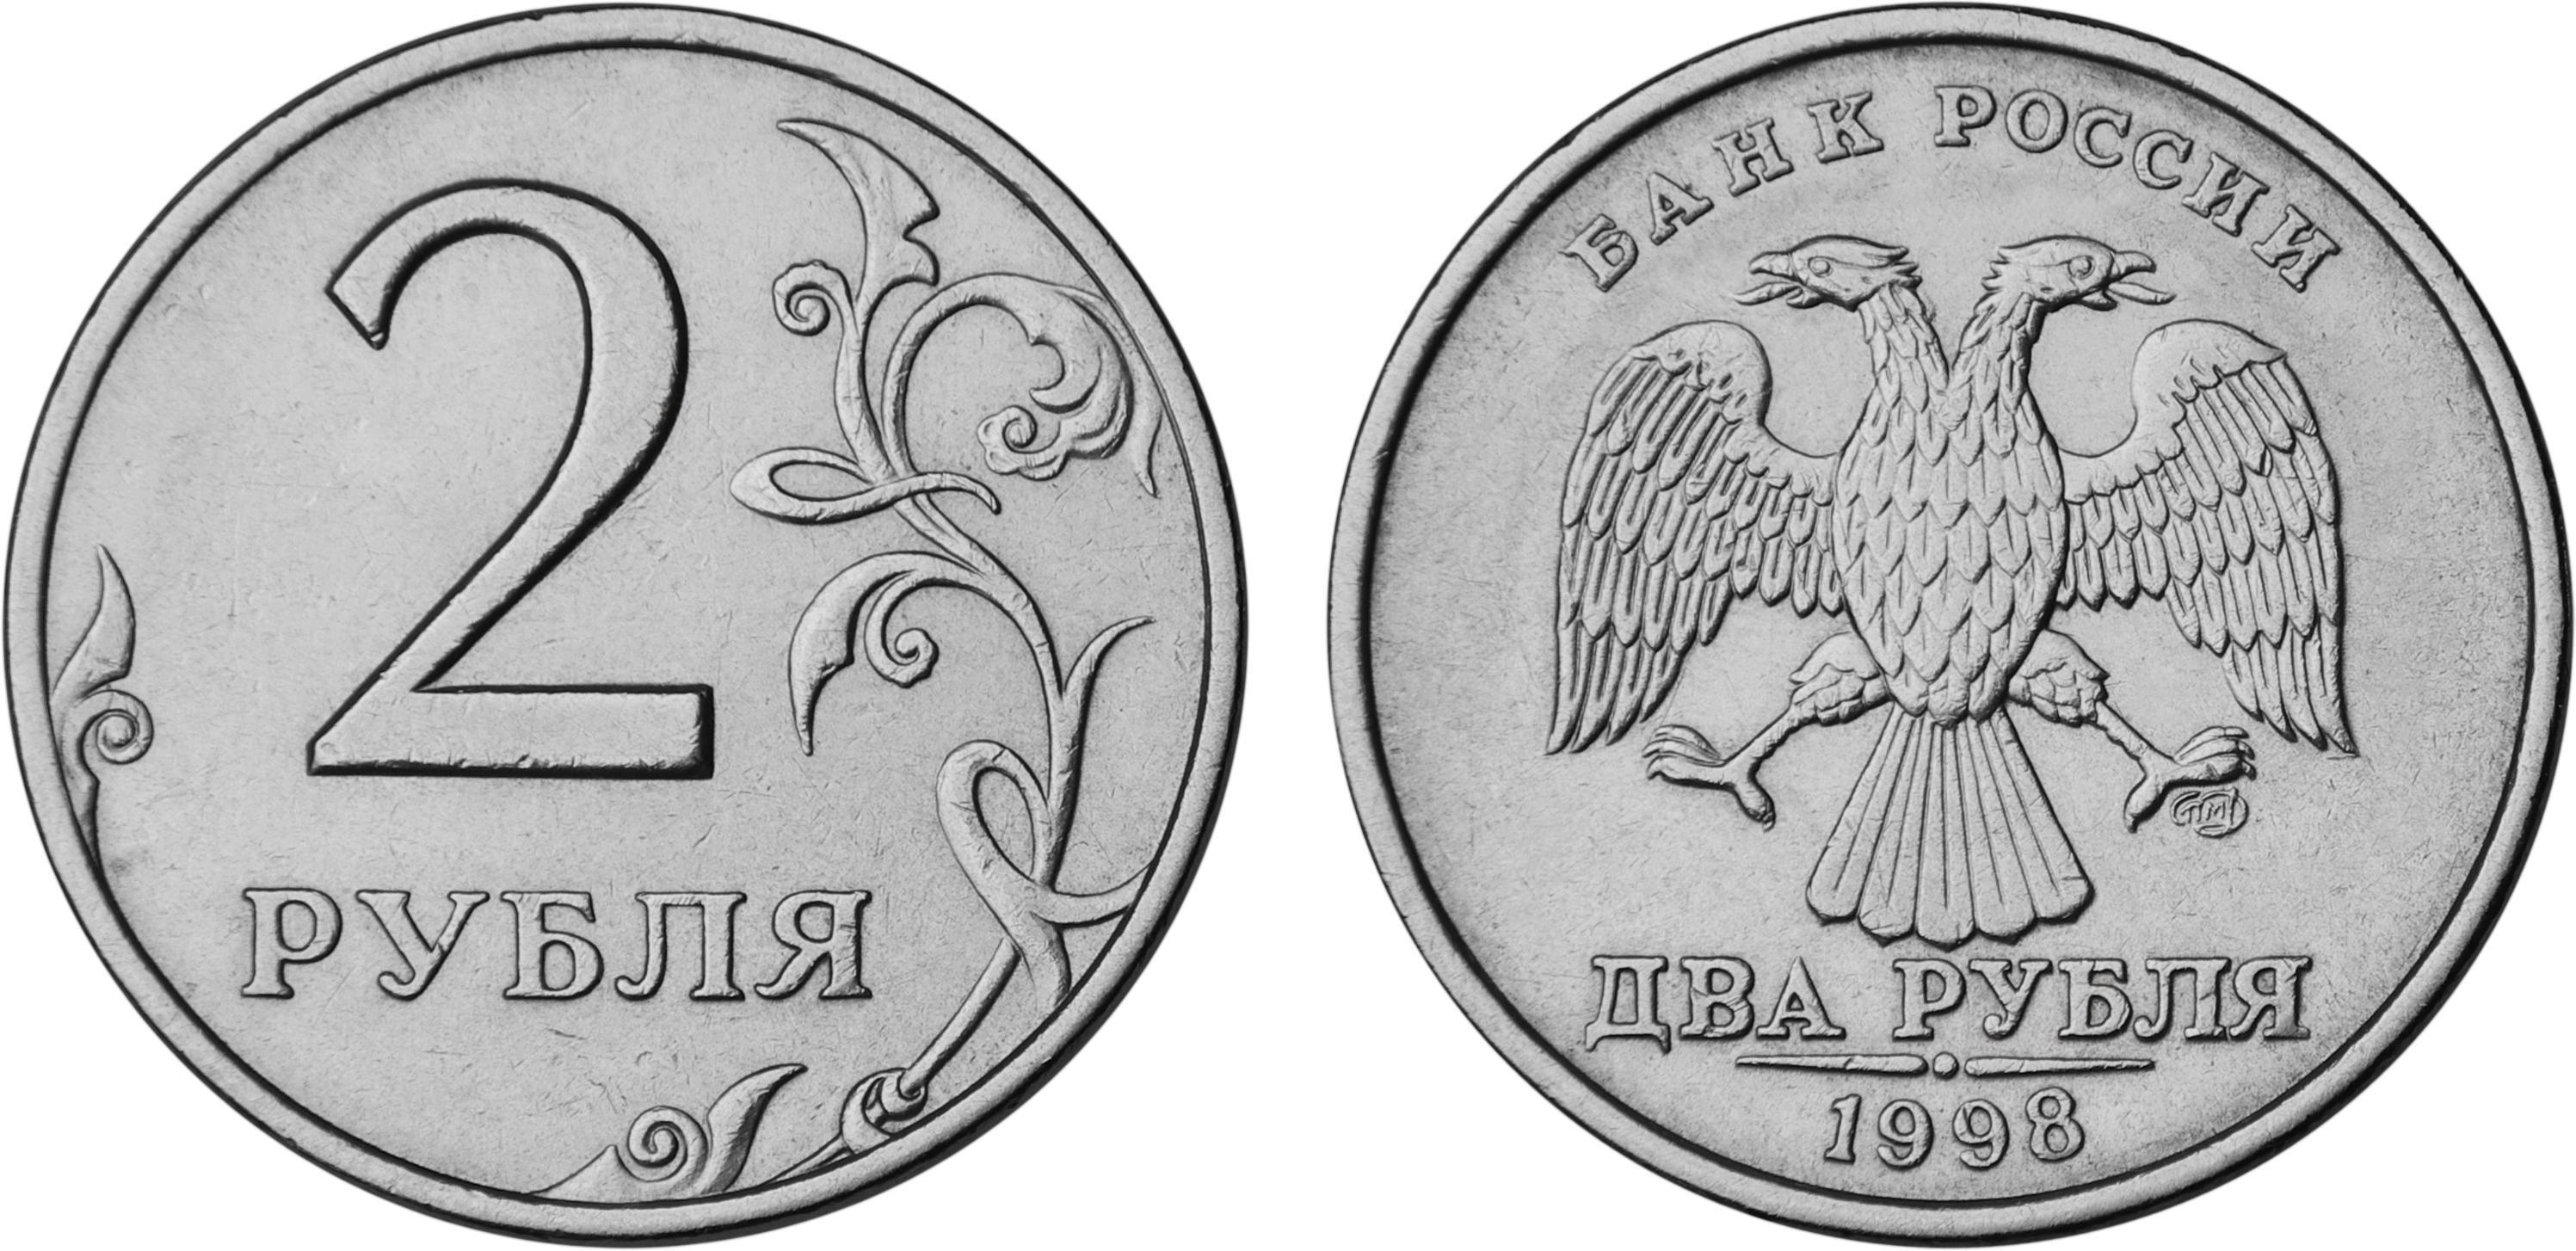 Rubli e Russia, il default del sovranismo